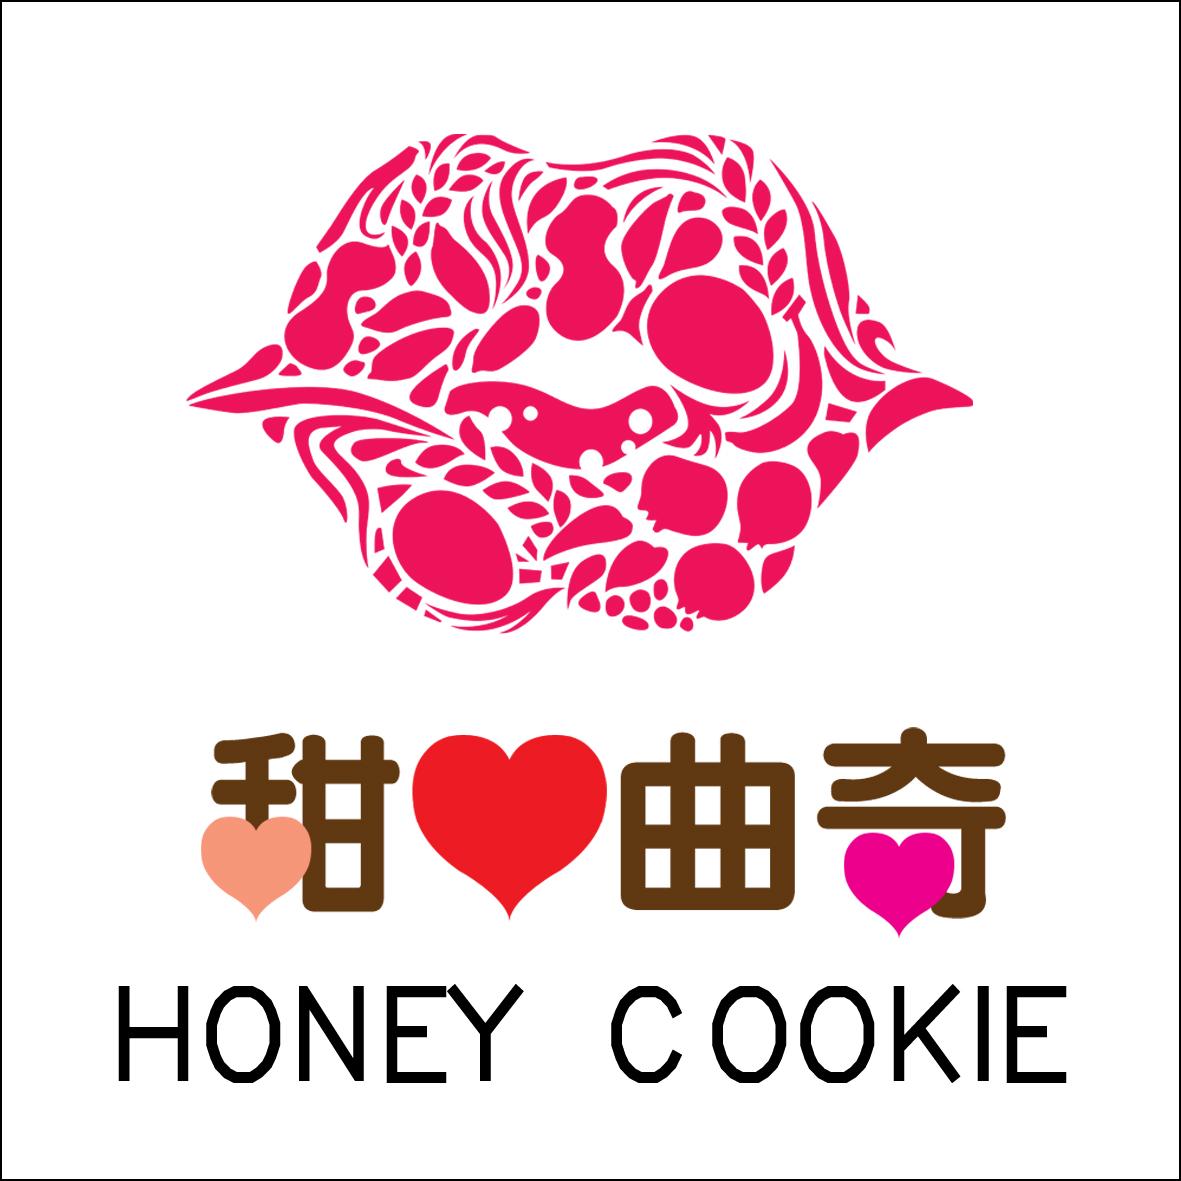 烘焙logo设计图片大全展示